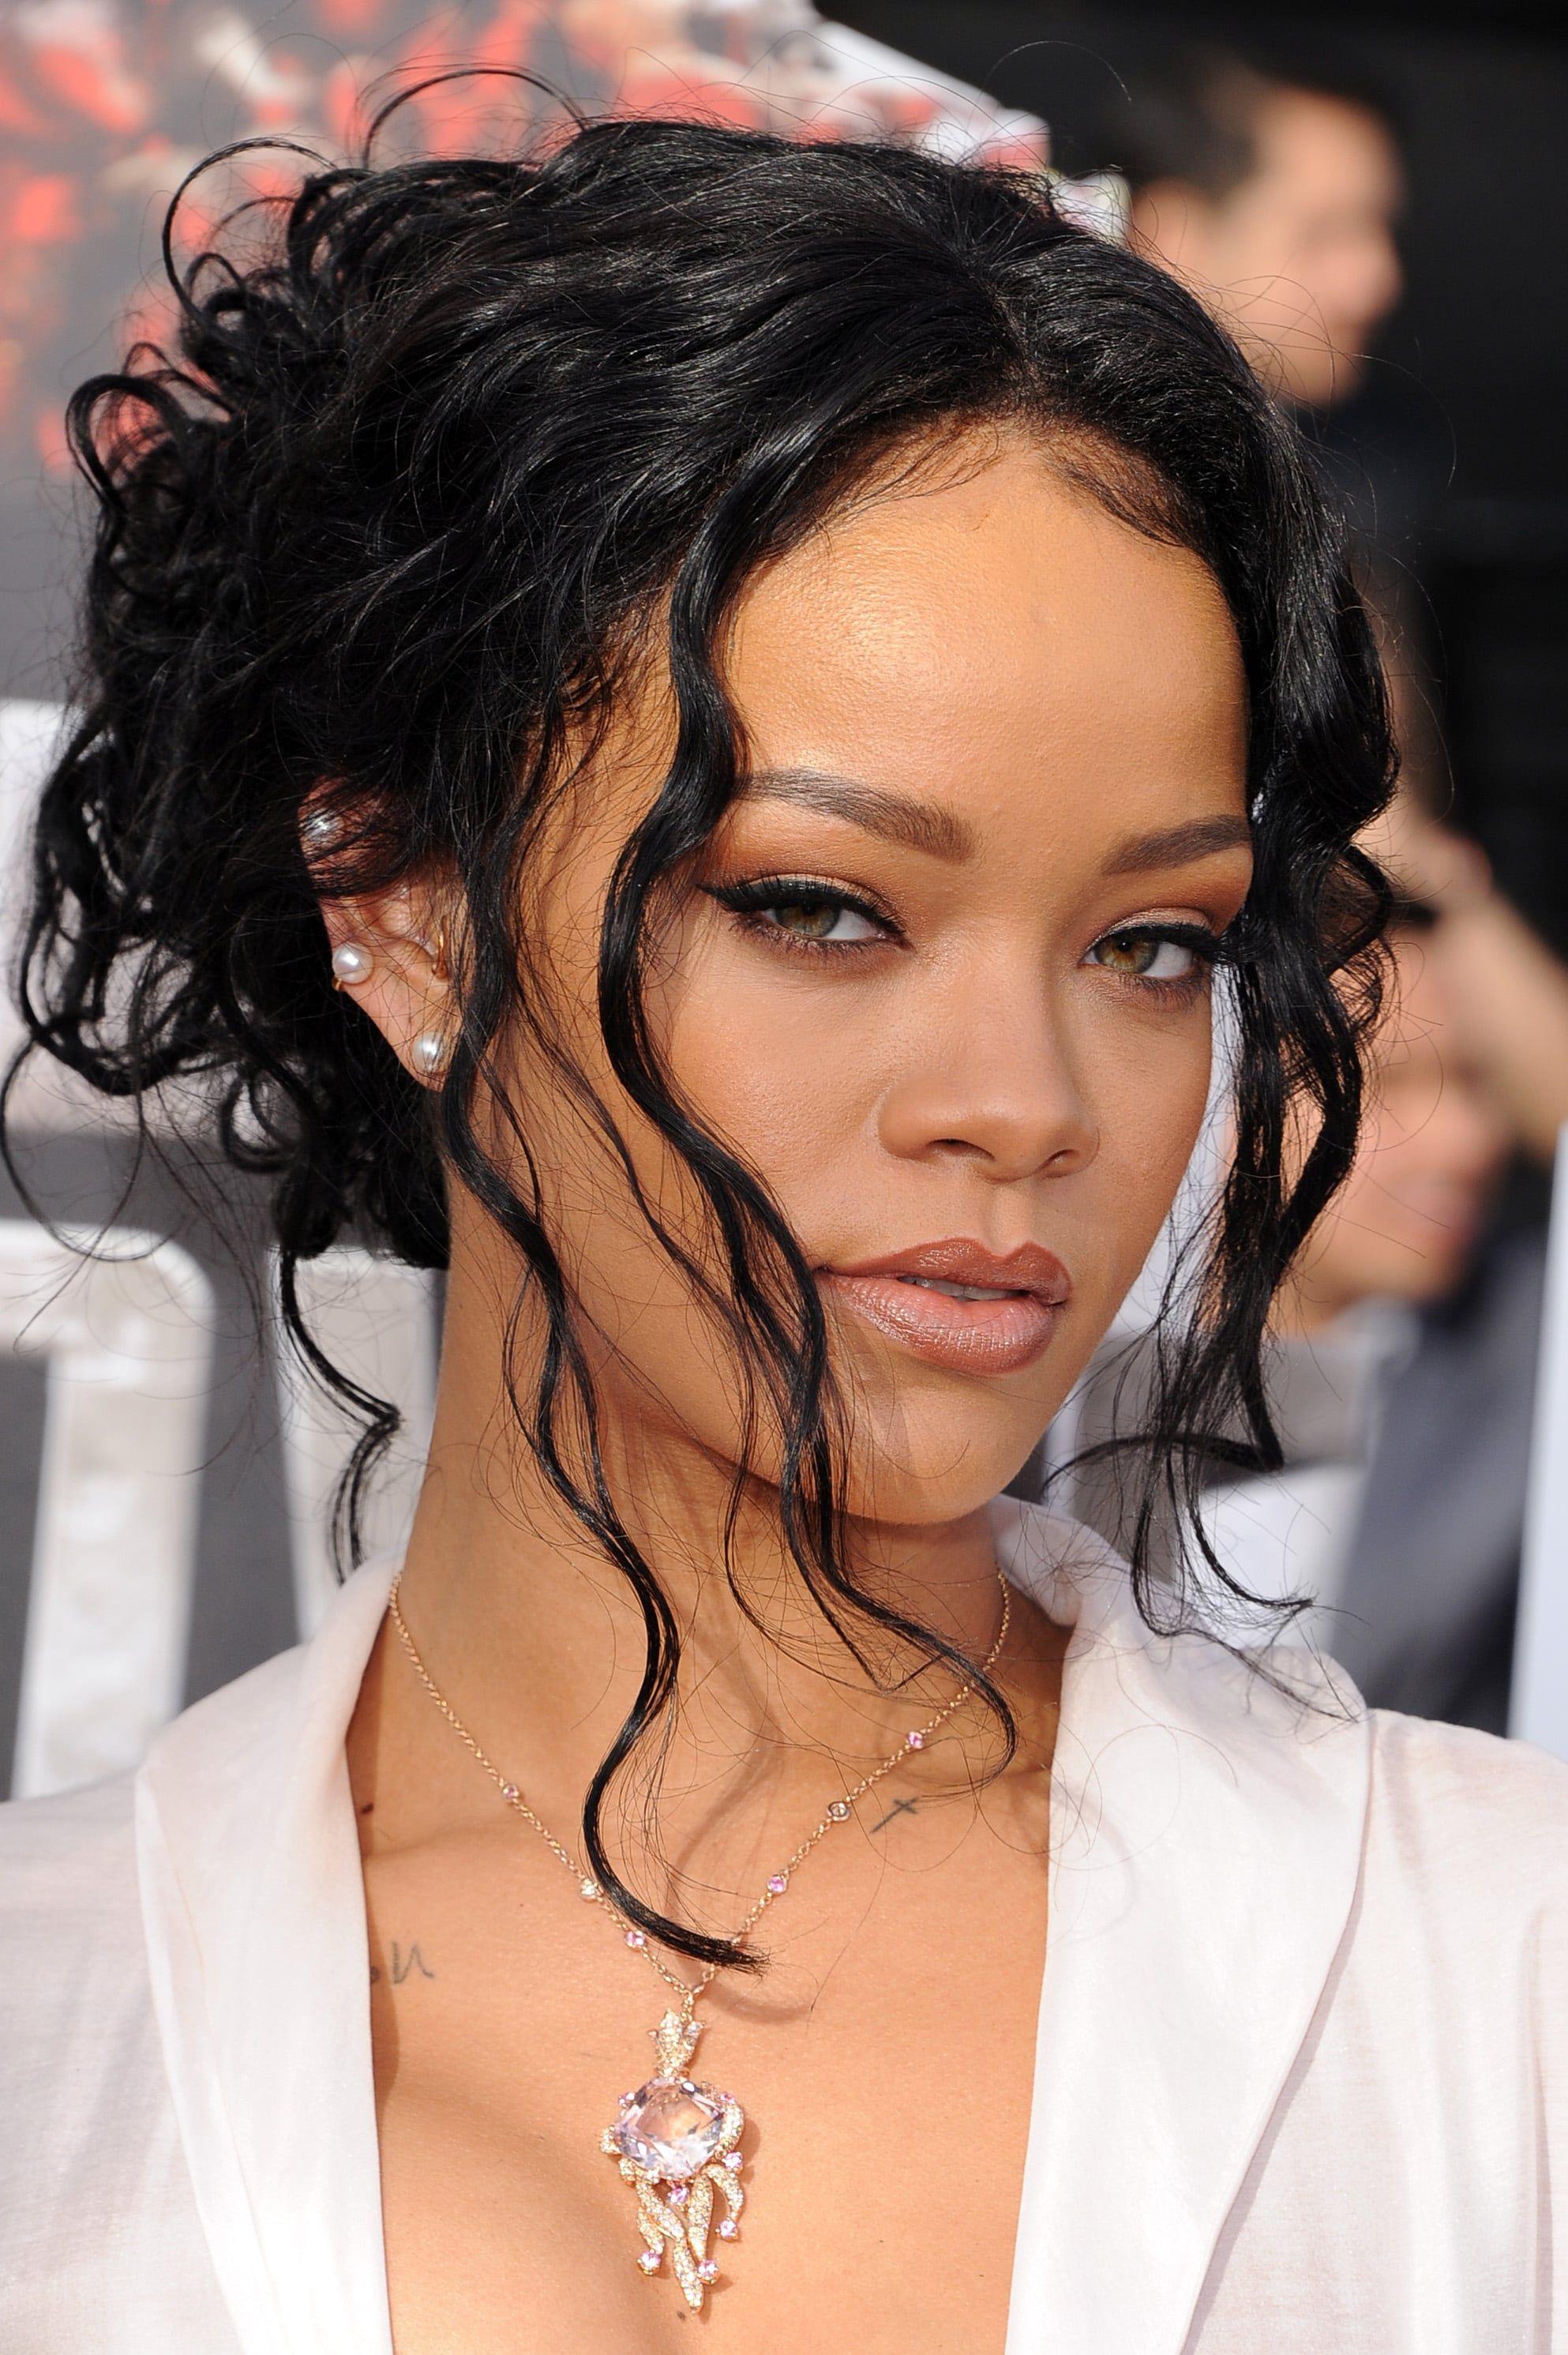 Rihanna at the MTV Movie Awards 2014 | POPSUGAR Celebrity